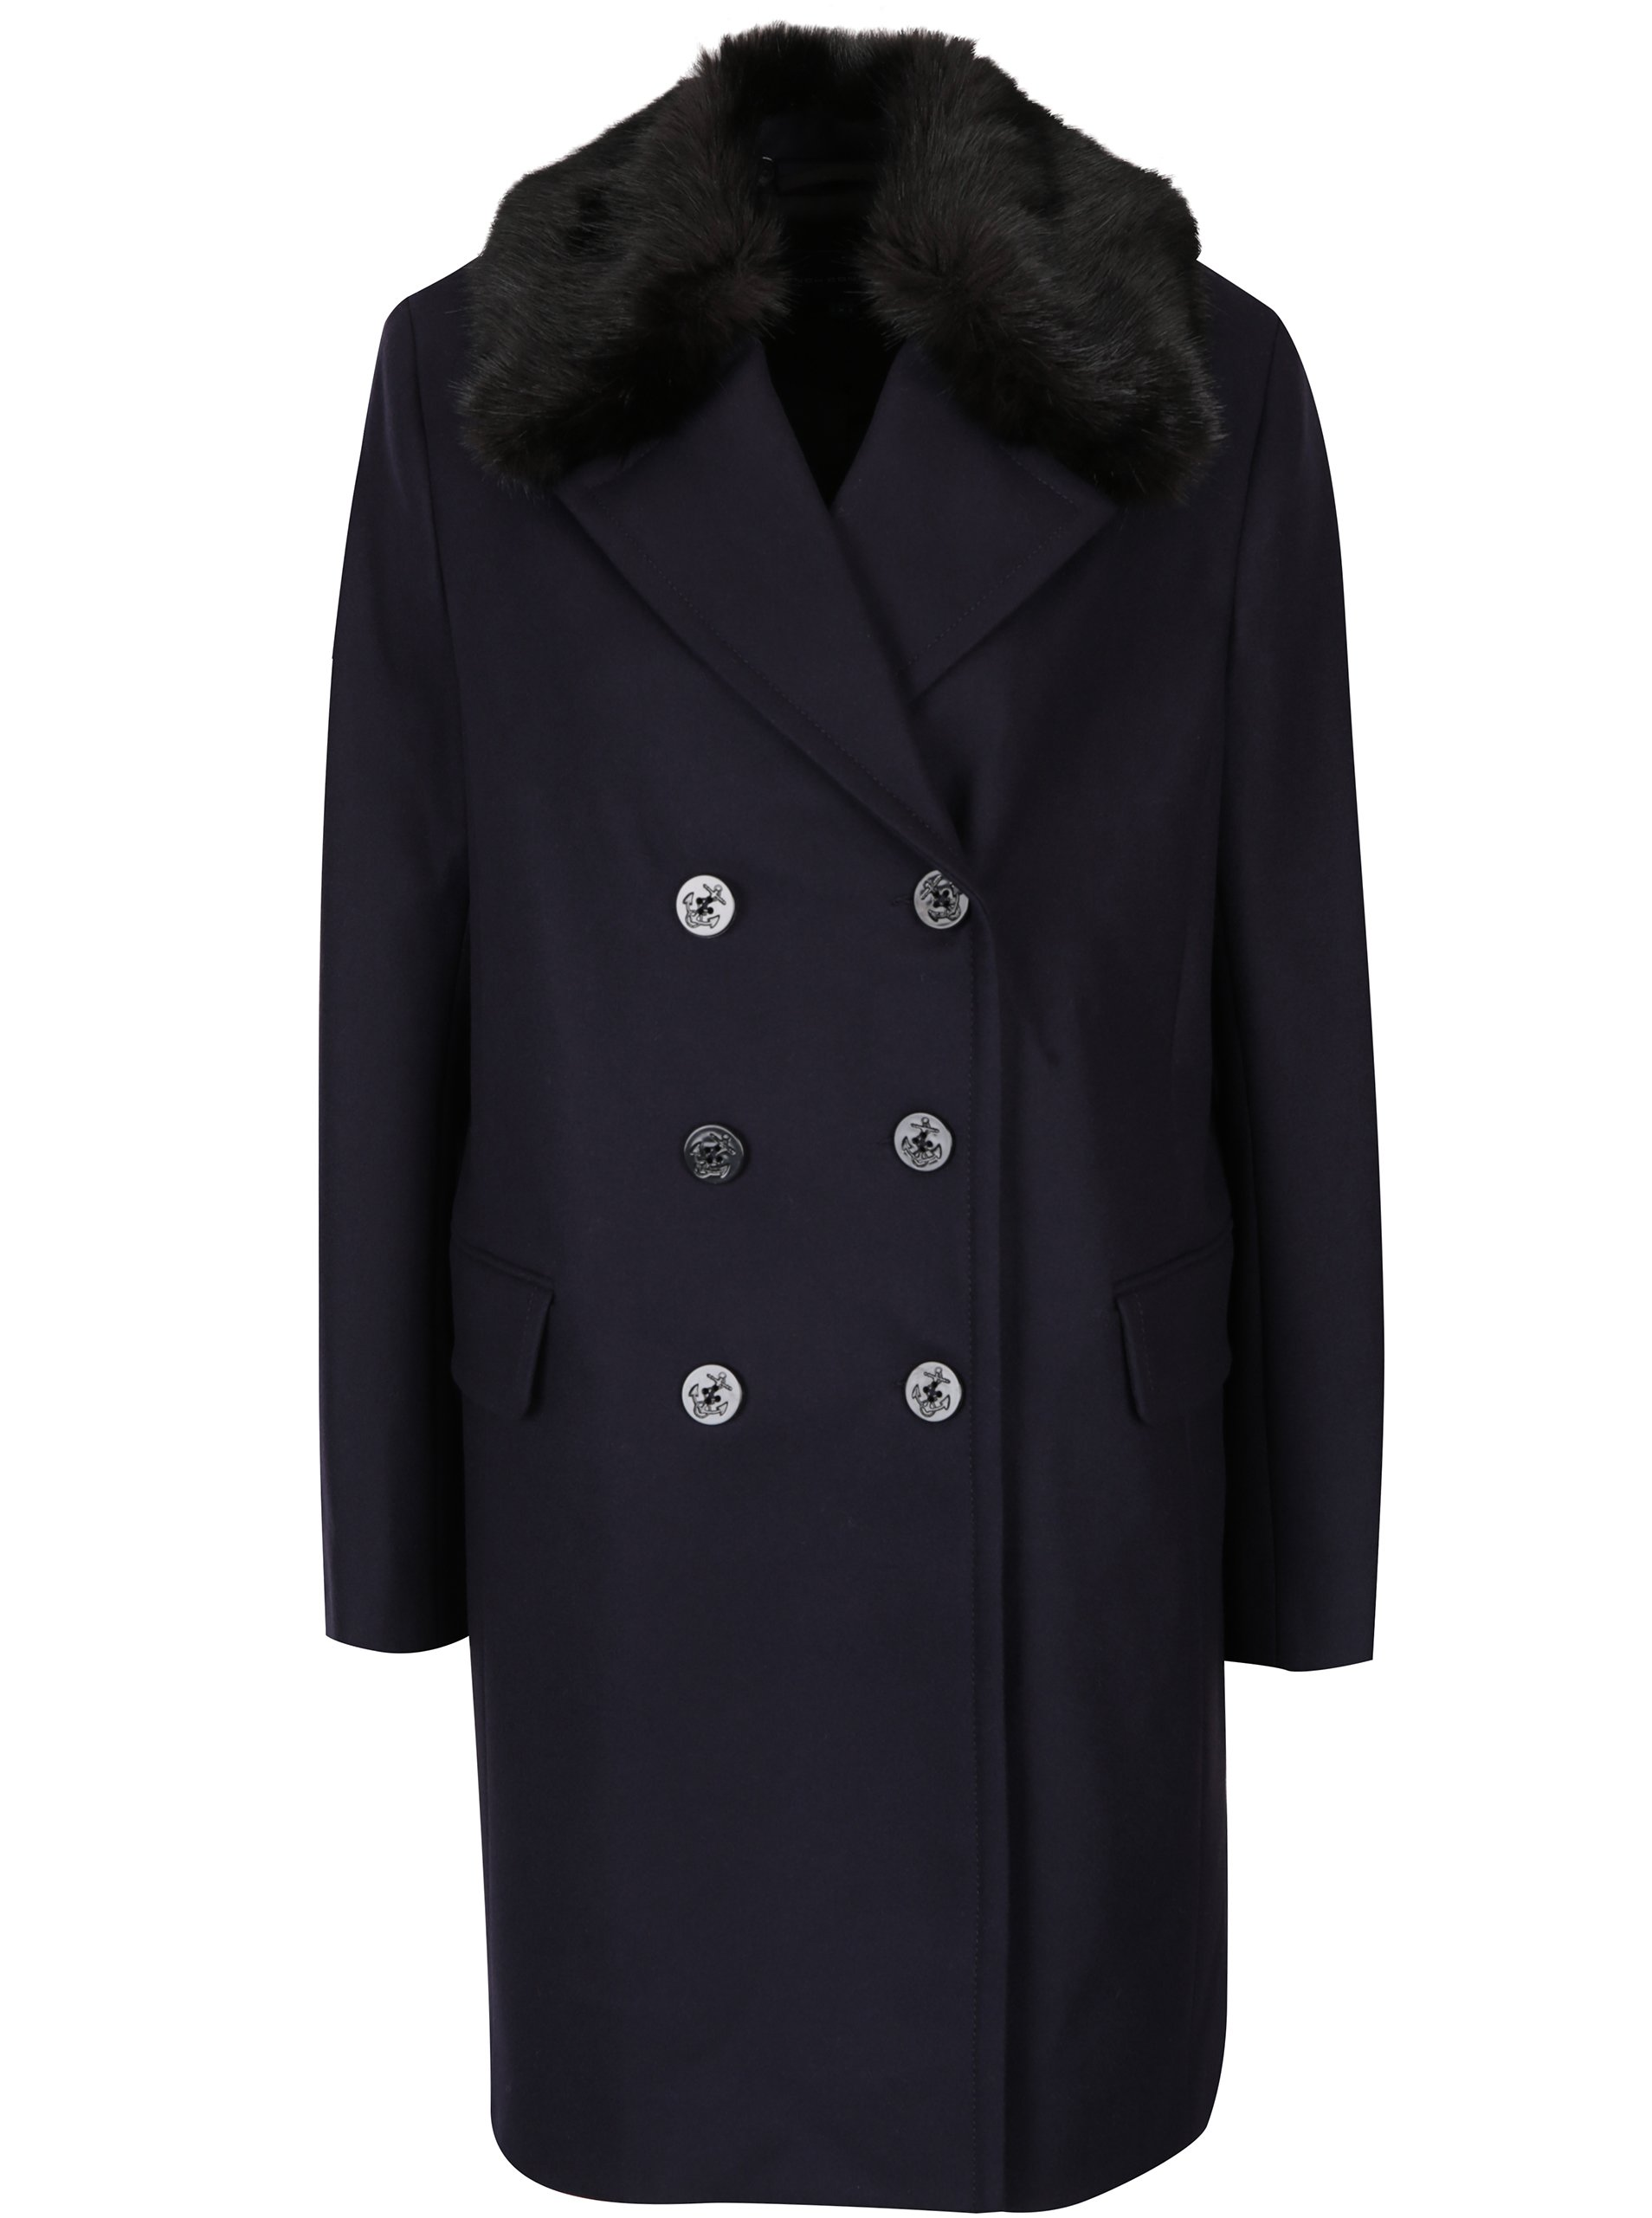 Tmavě modrý vlněný kabát s příměsí kašmíru French Connection Platform